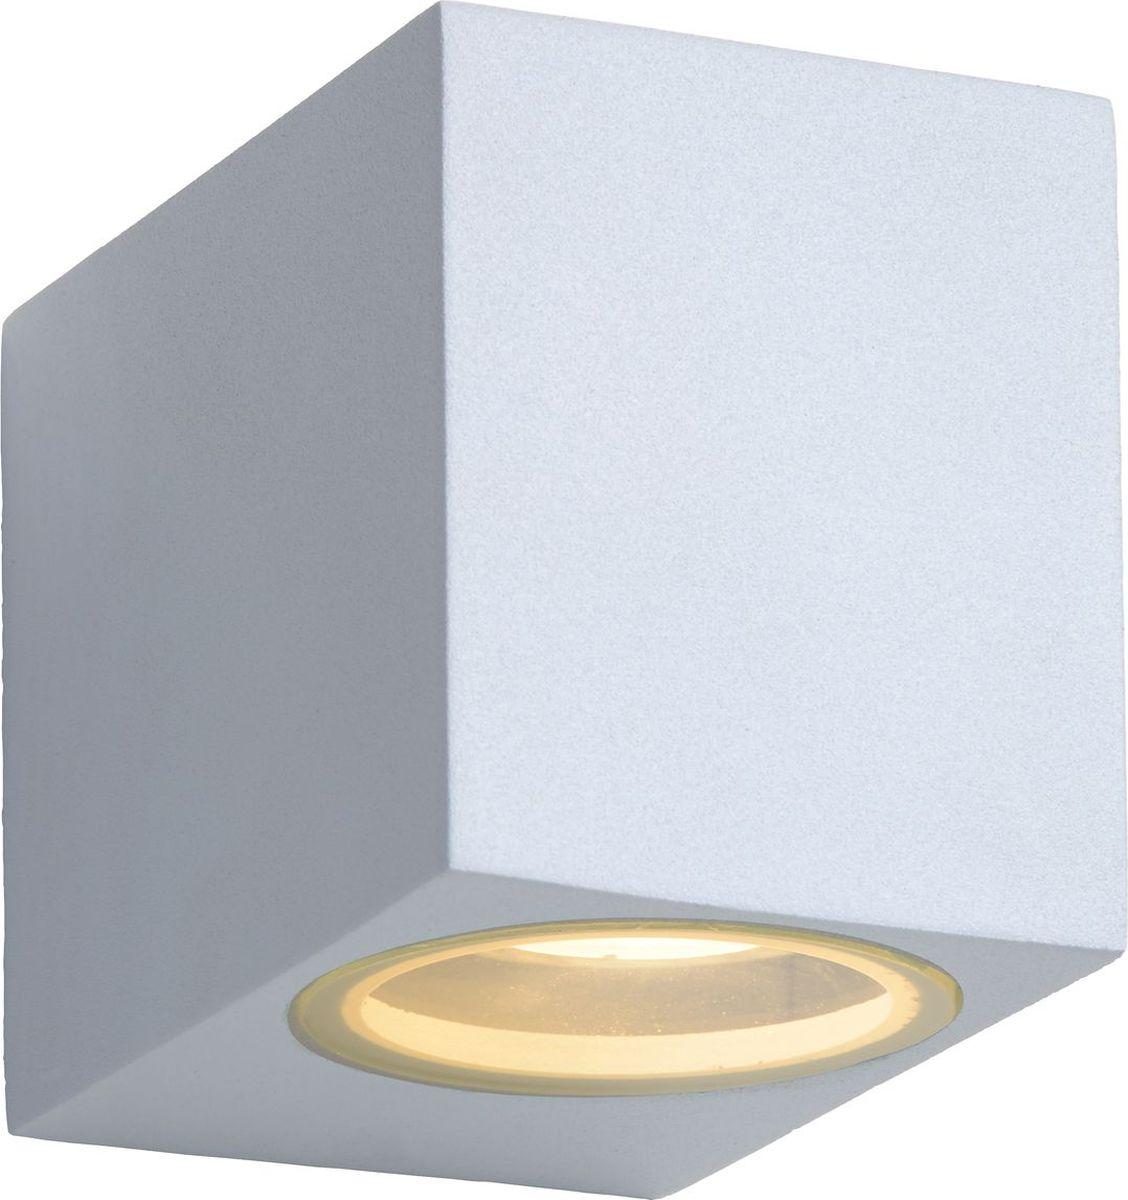 Светильник уличный настенный Lucide Zora Led, цвет: прозрачный, GU10, 5 Вт. 22860/05/3122860/05/31